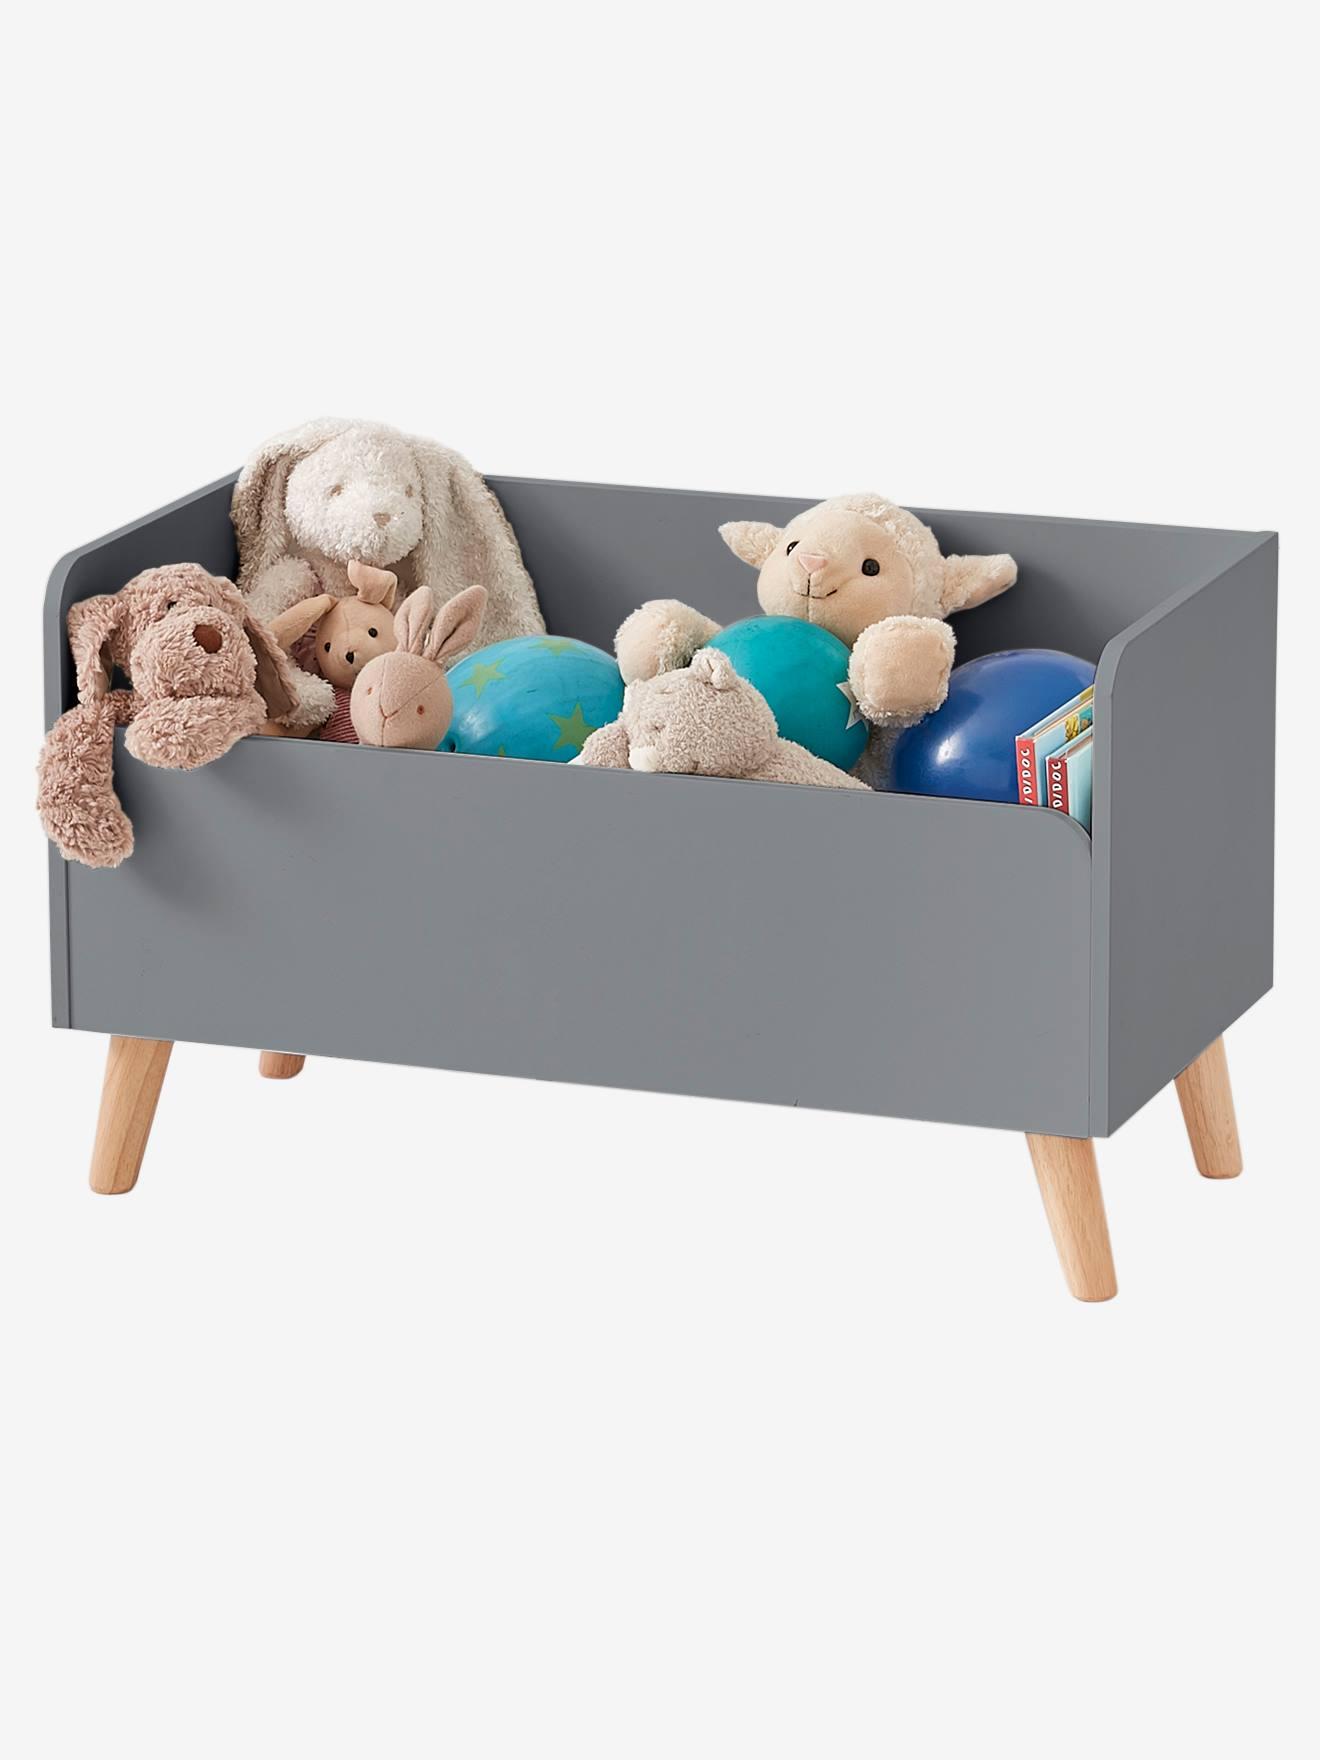 Dekoration U0026 Aufbewahrung Aufbewahrung Regale U0026 Bücherregale Spieltruhe Für  Kinder